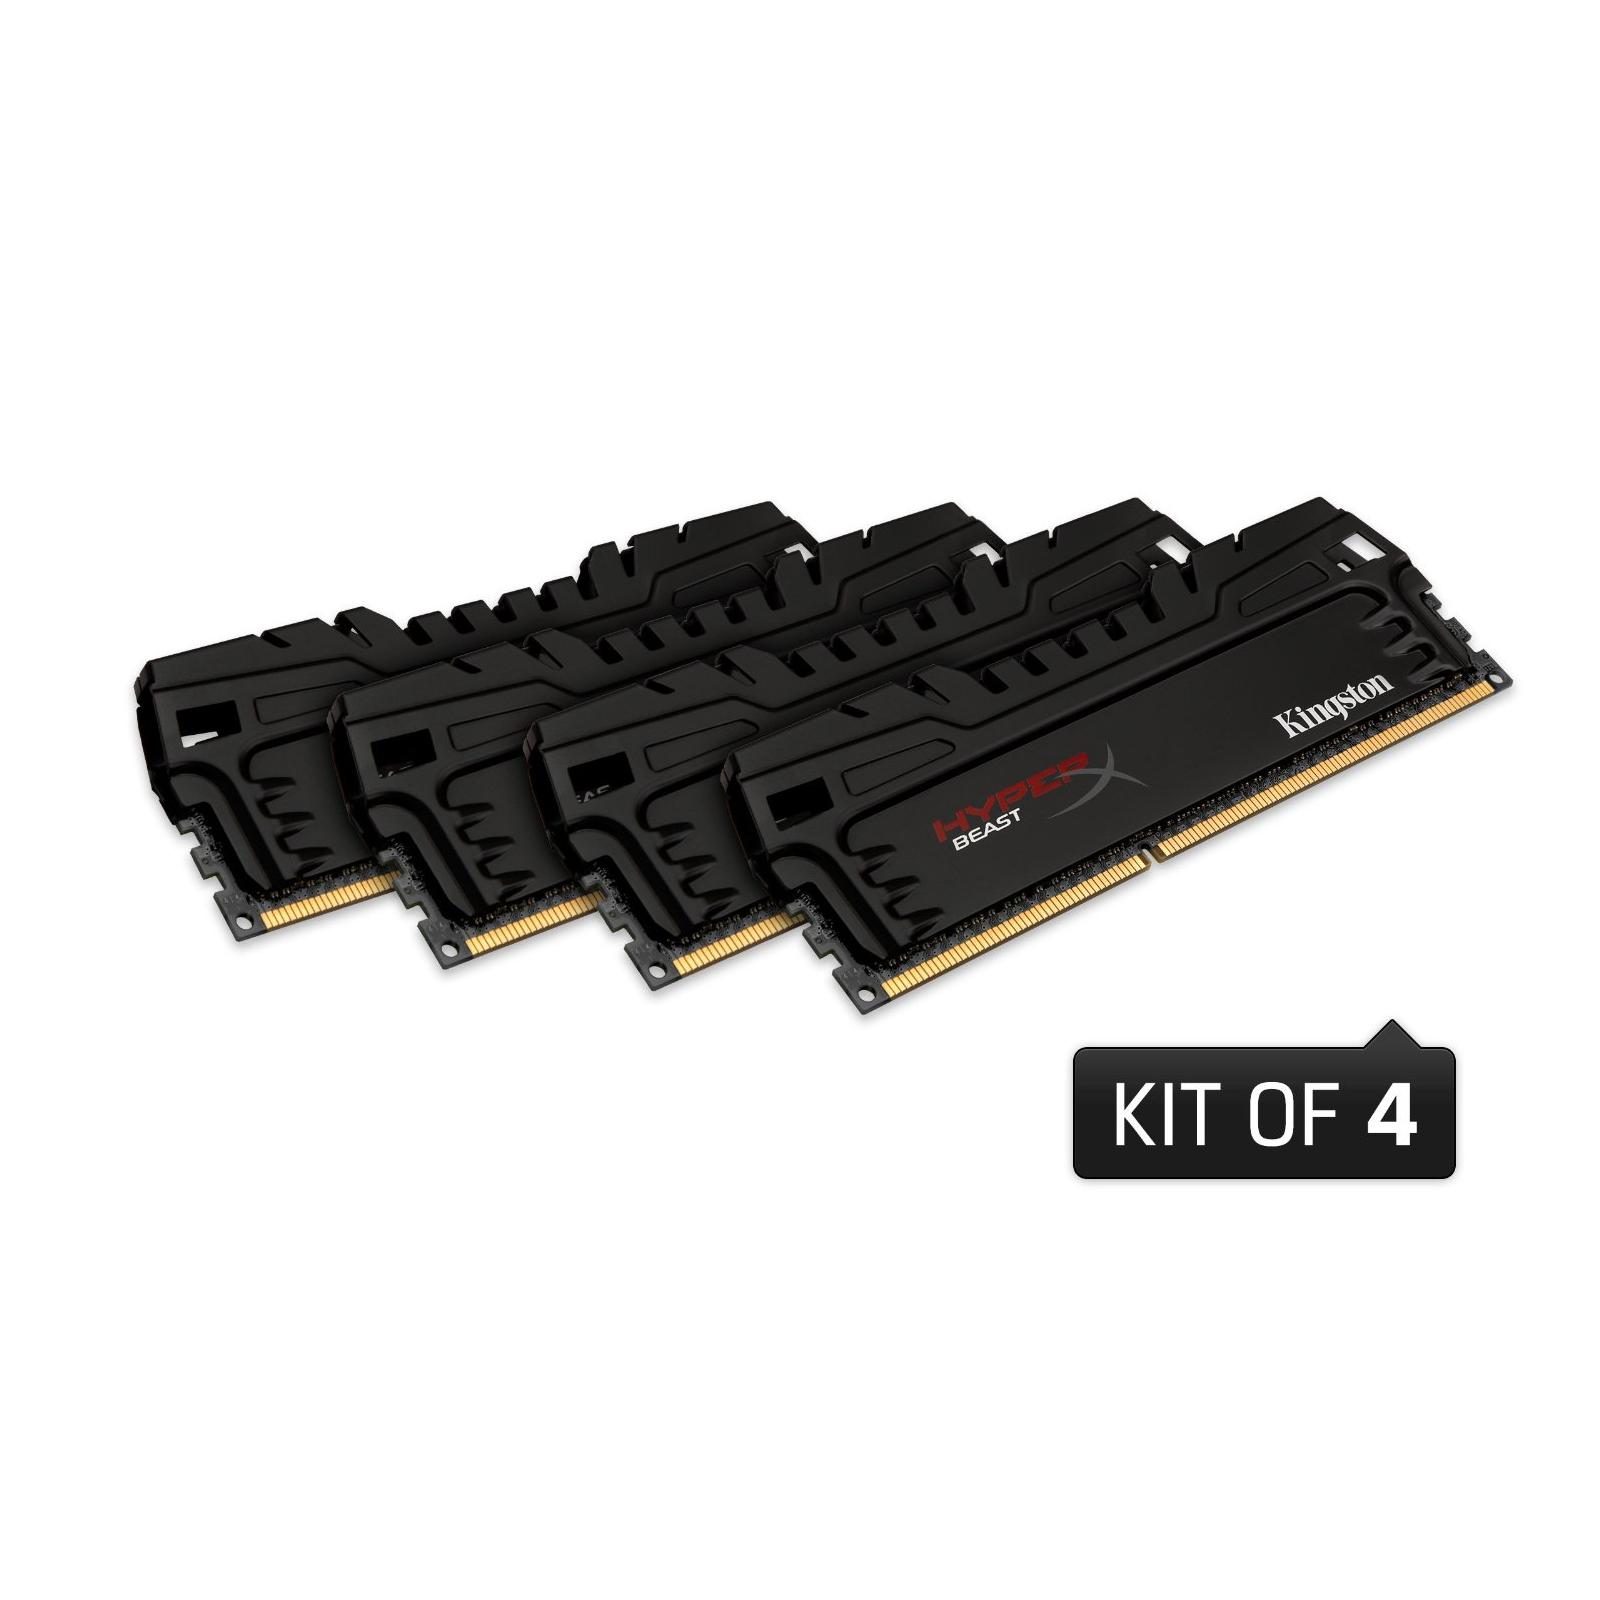 Модуль памяти для компьютера DDR3 16GB 1866 MHz Kingston (HX318C9T3K4/16) изображение 2